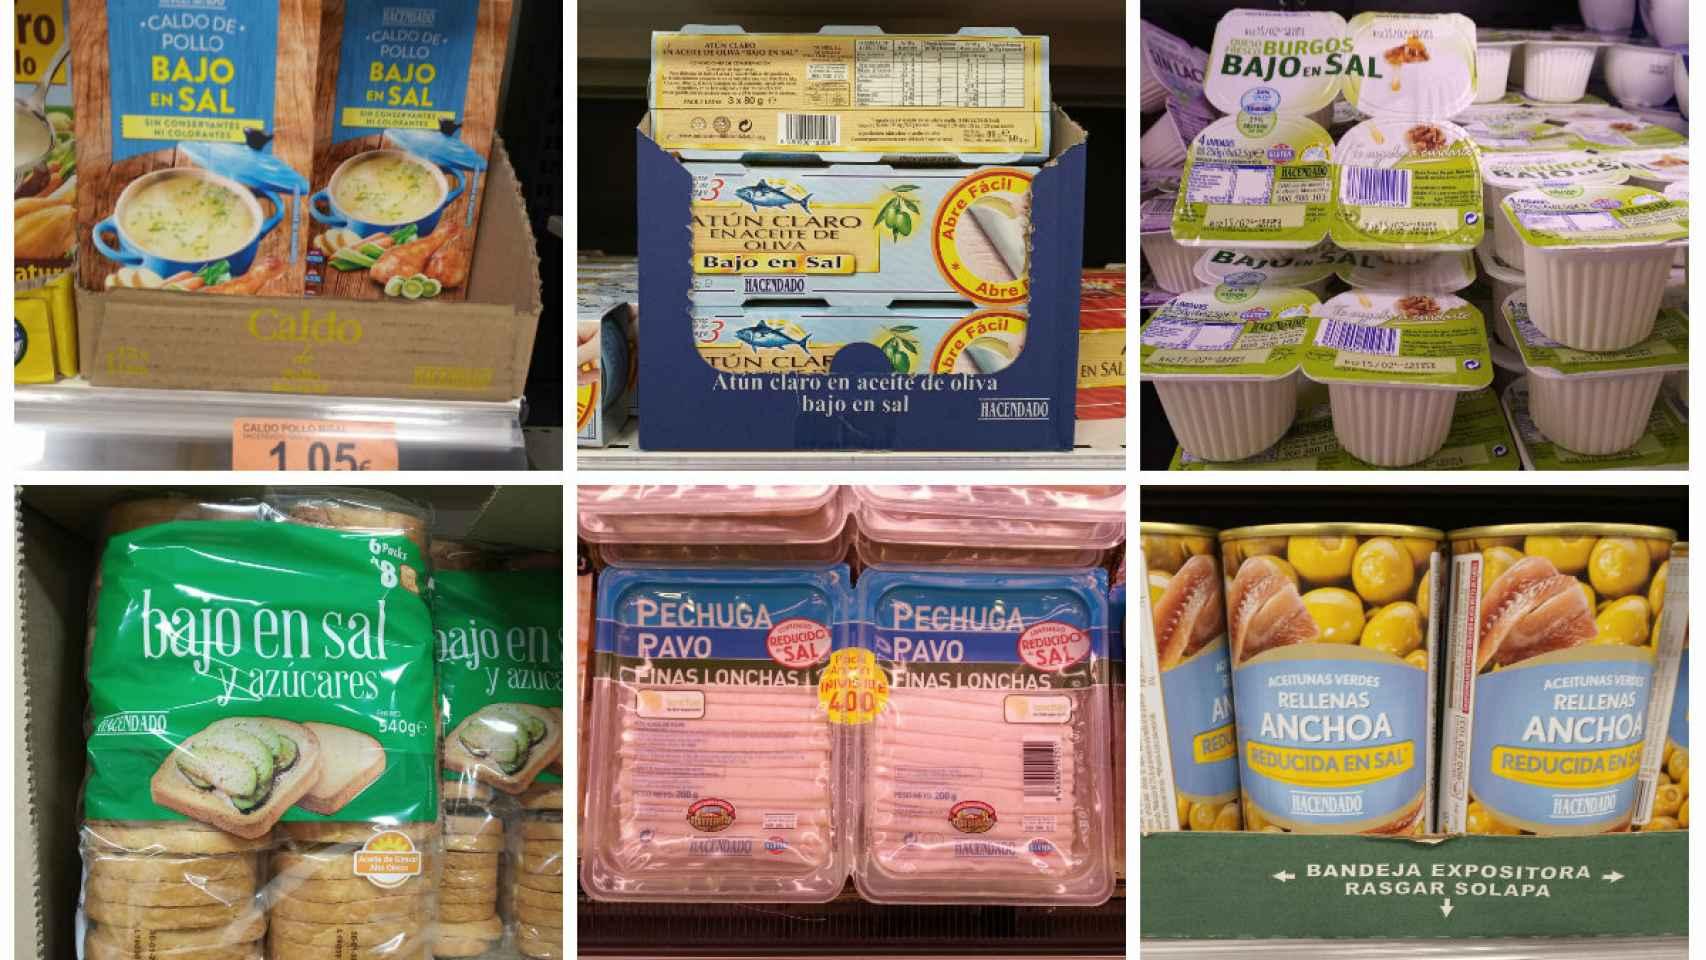 Productos Reducidos Bajos O Sin Sal De Mercadona